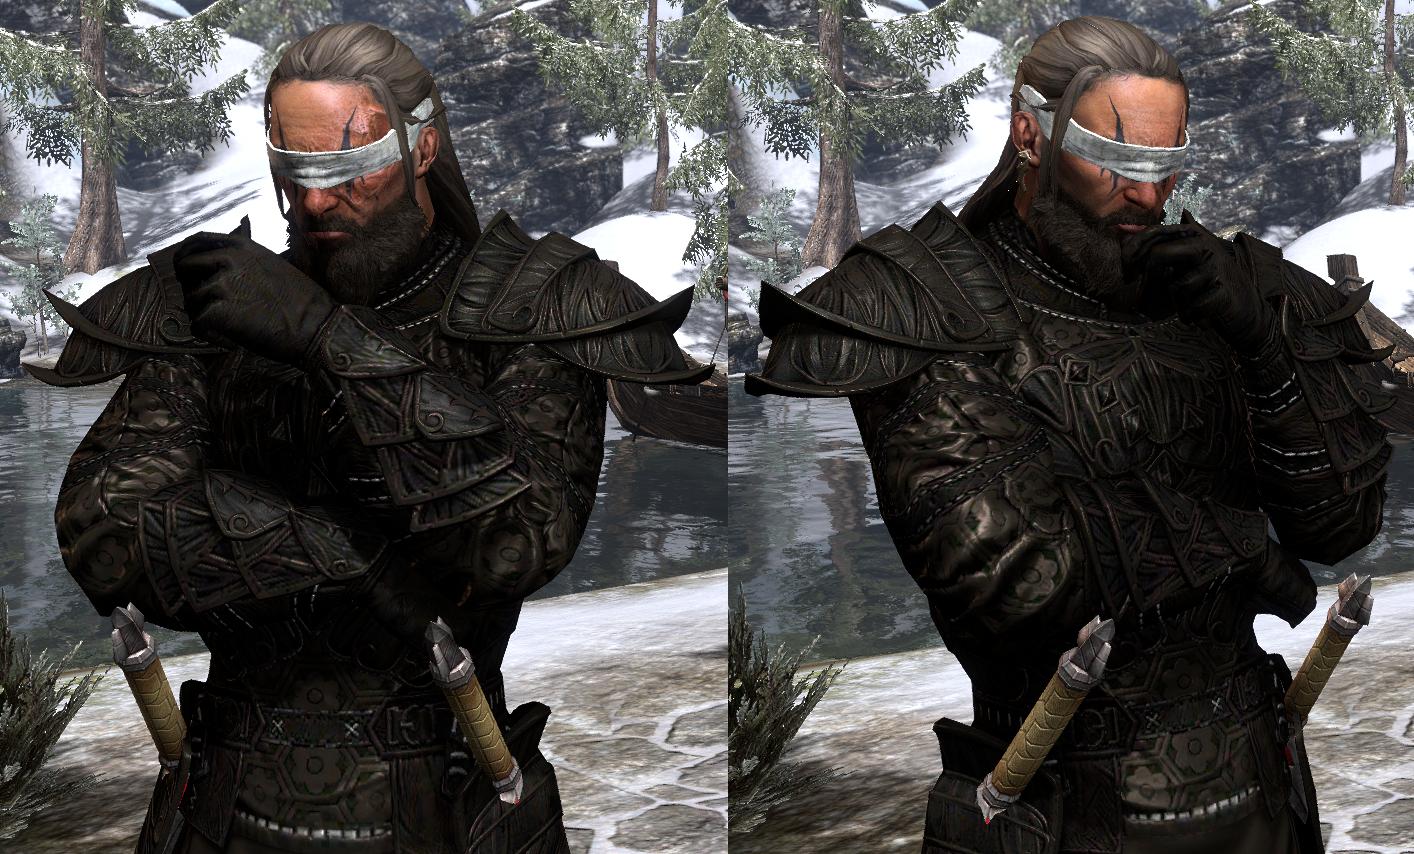 Show your character! - Page 51 — Elder Scrolls OnlineRedguard Elder Scrolls Online